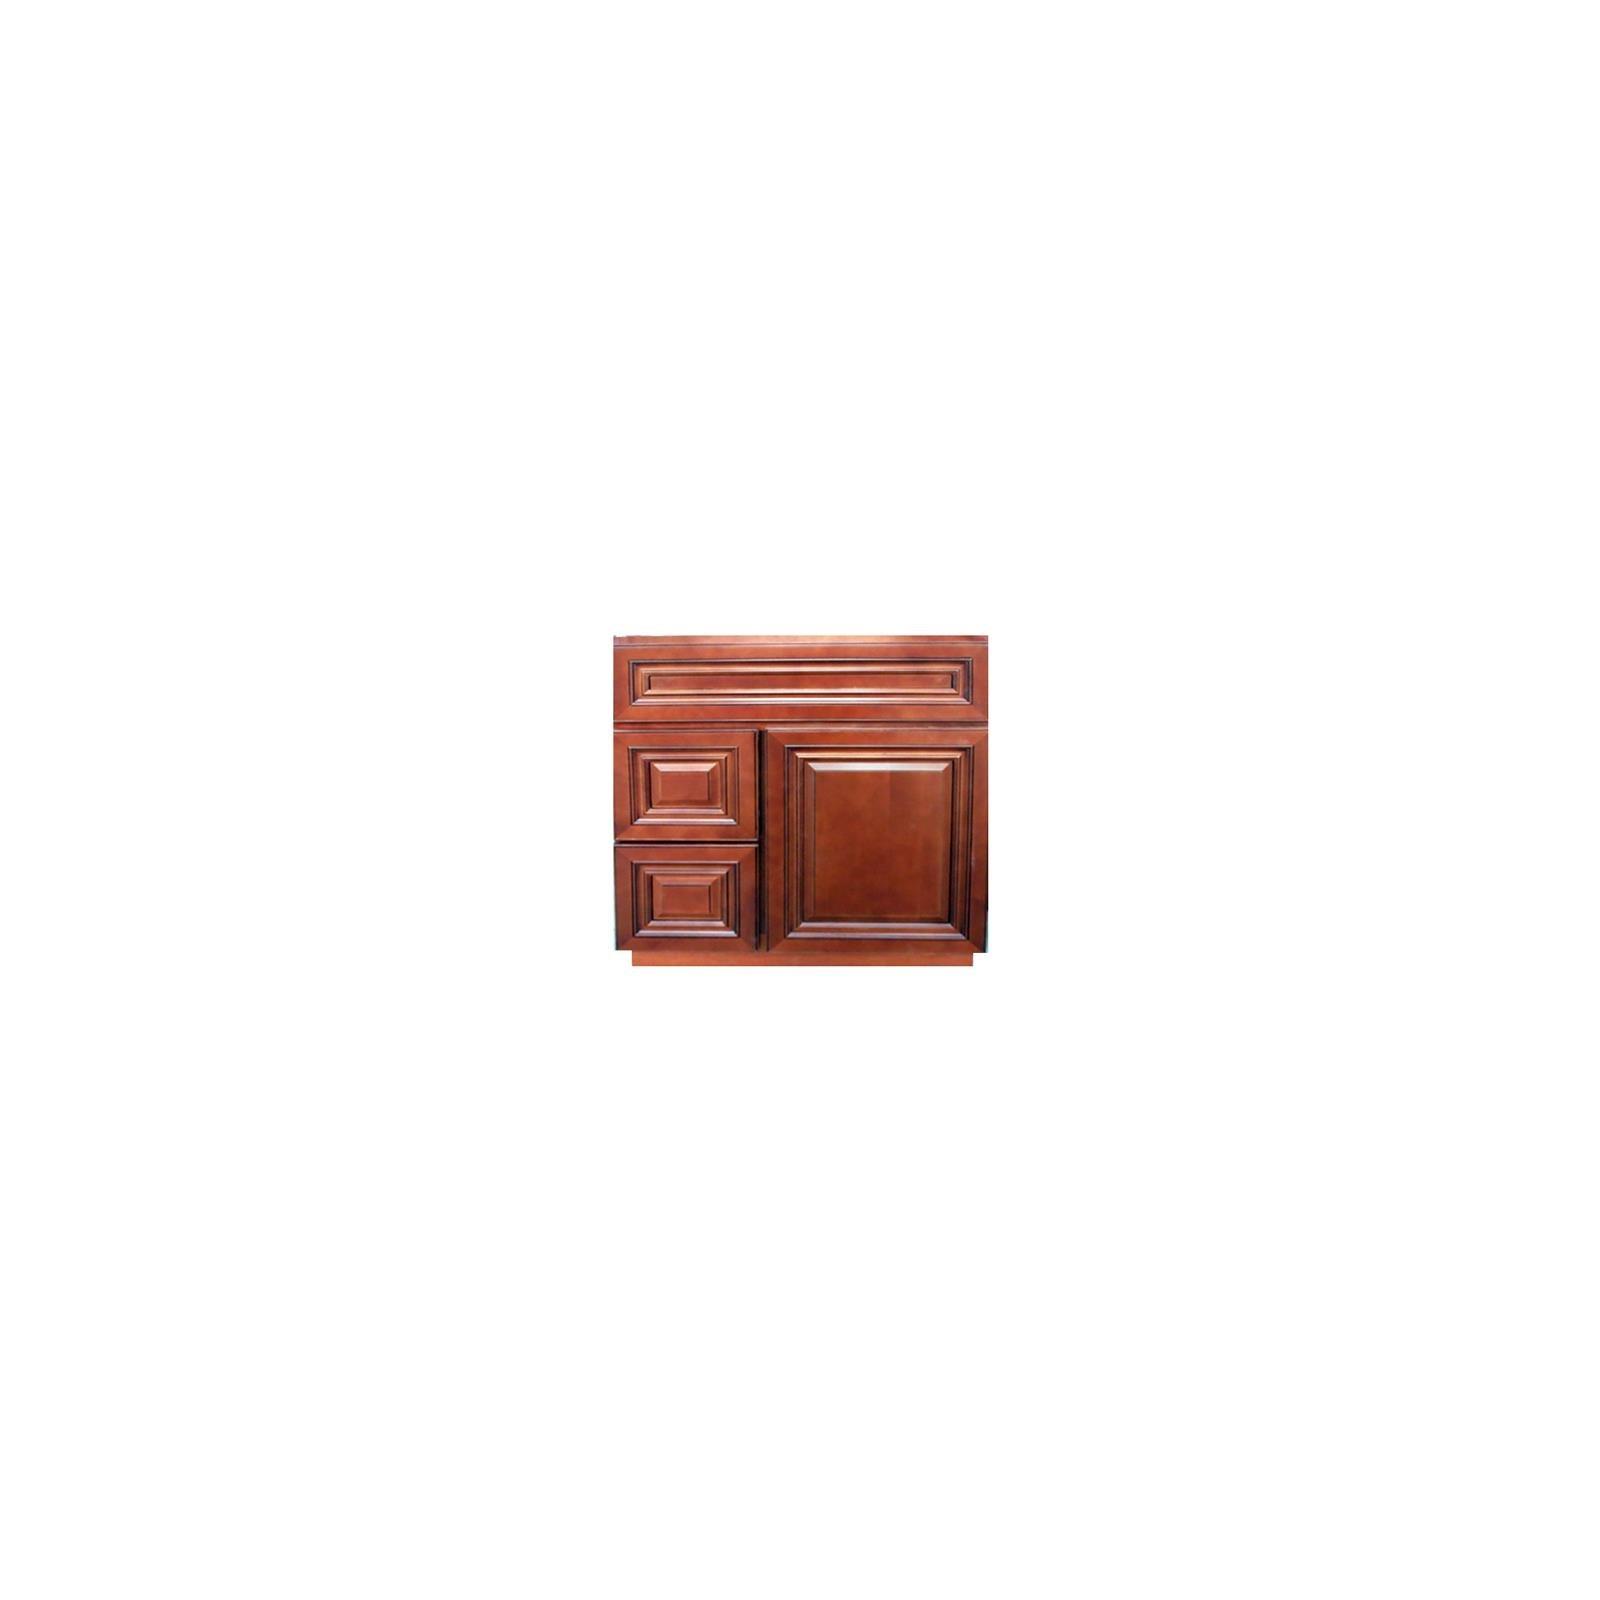 BOJOBO V302134DL-Pas One Door Cabinet, 110 Piece